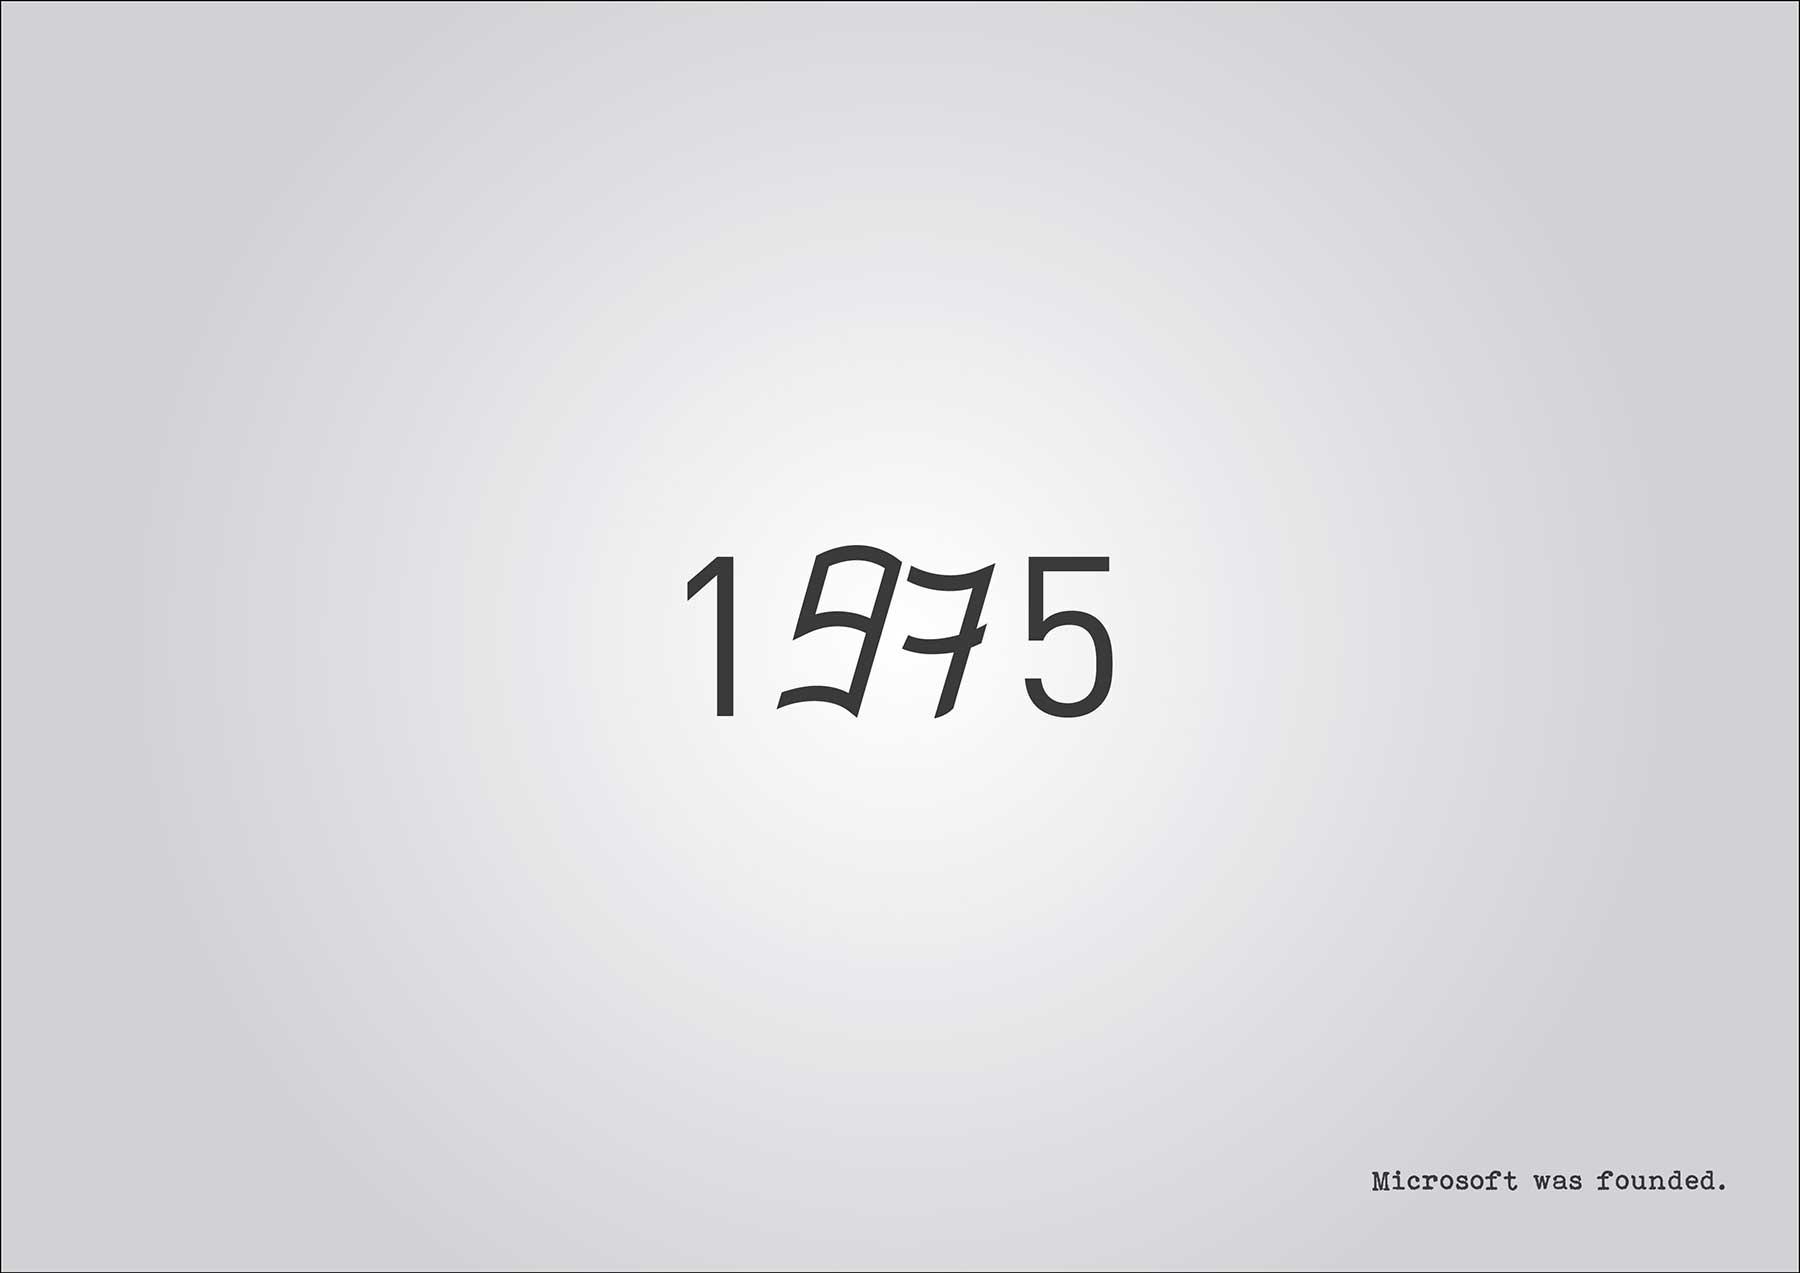 Jahreszahlen anhand ihrer Geschehnisse gestaltet Digital-Chronicles-jahreszahlen_09